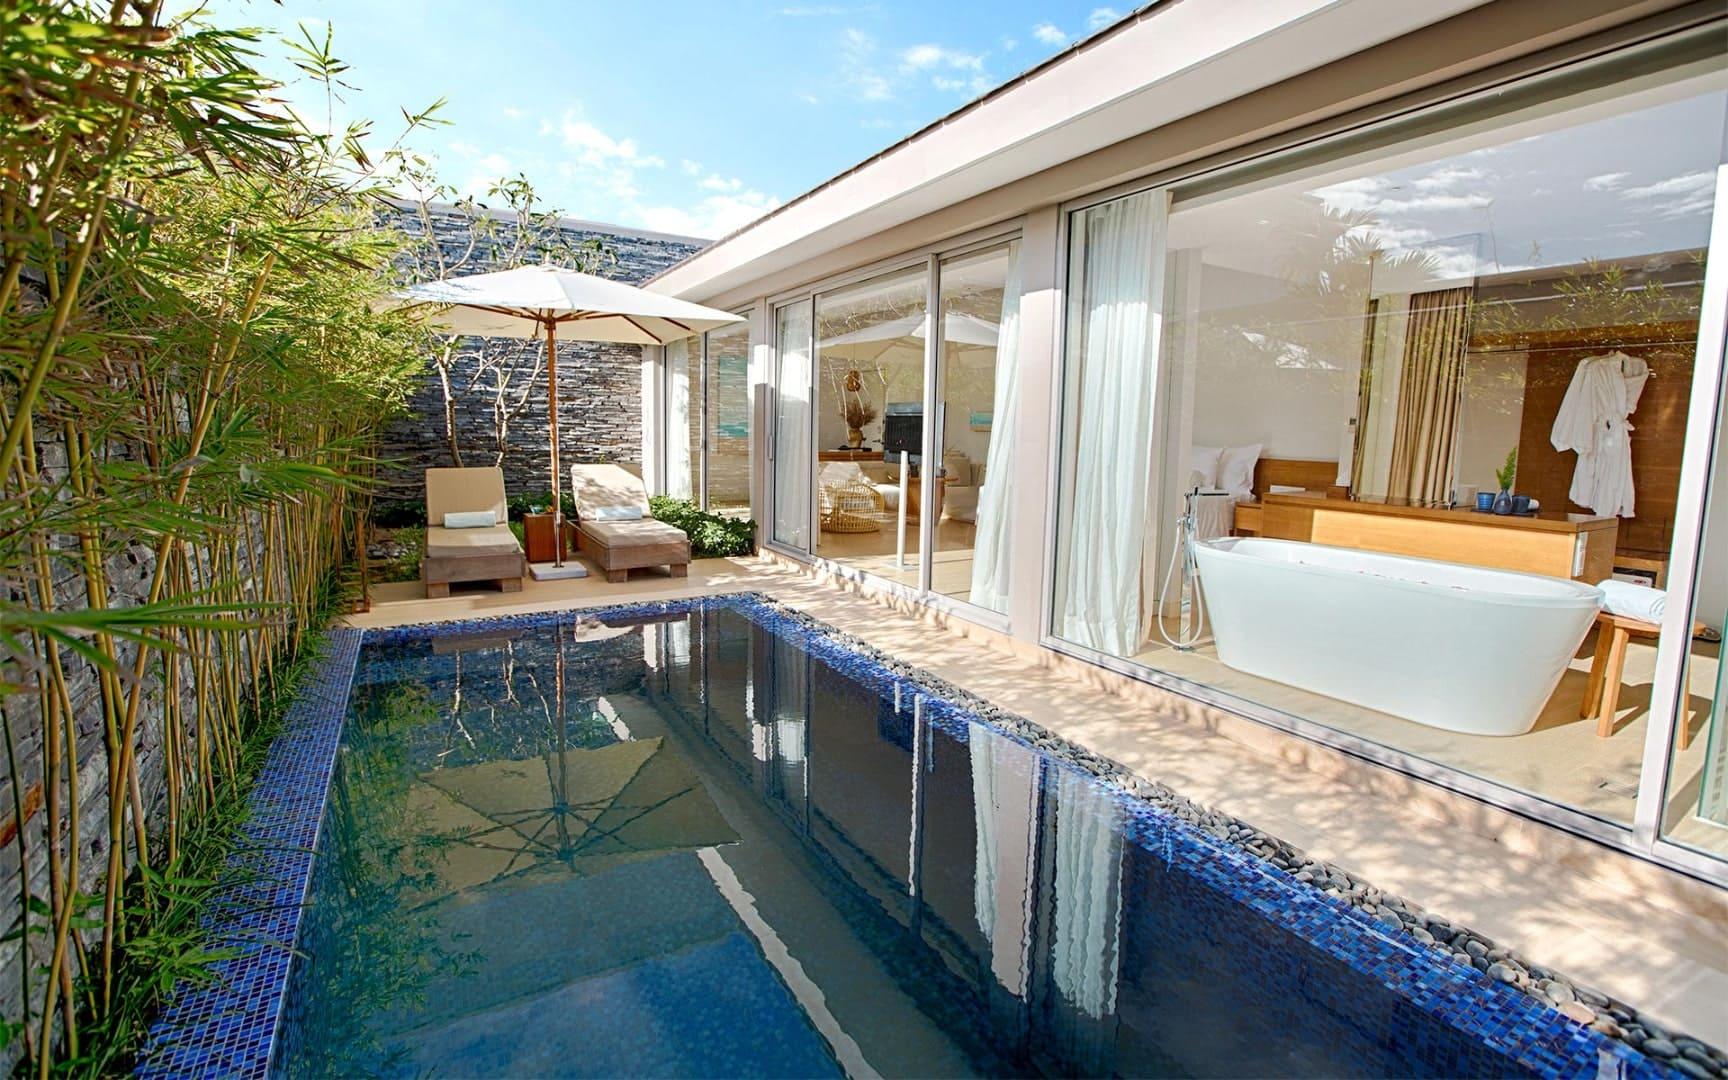 Hồ bơi bên trong mỗi căn biệt thự của Naman Đà Nẵng